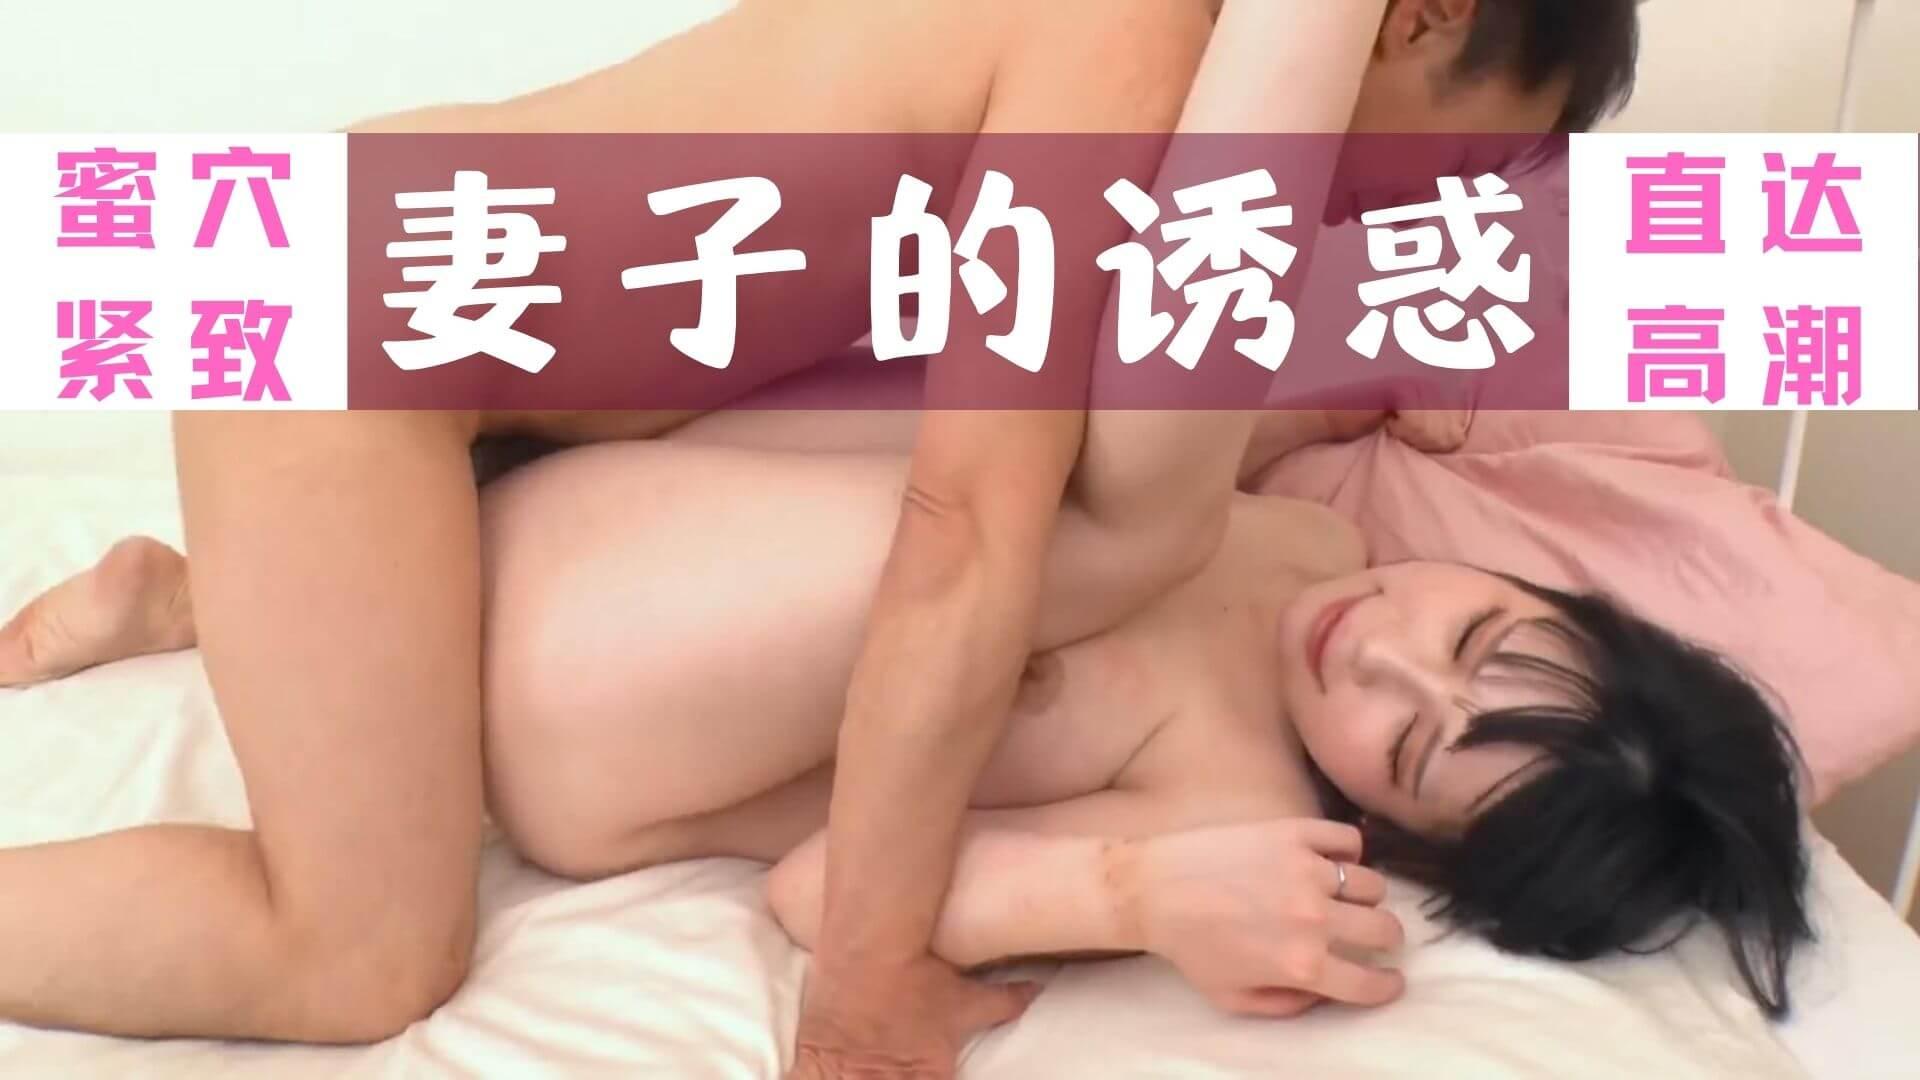 剃毛游戏~白石绫的诱惑1pon 020921_001